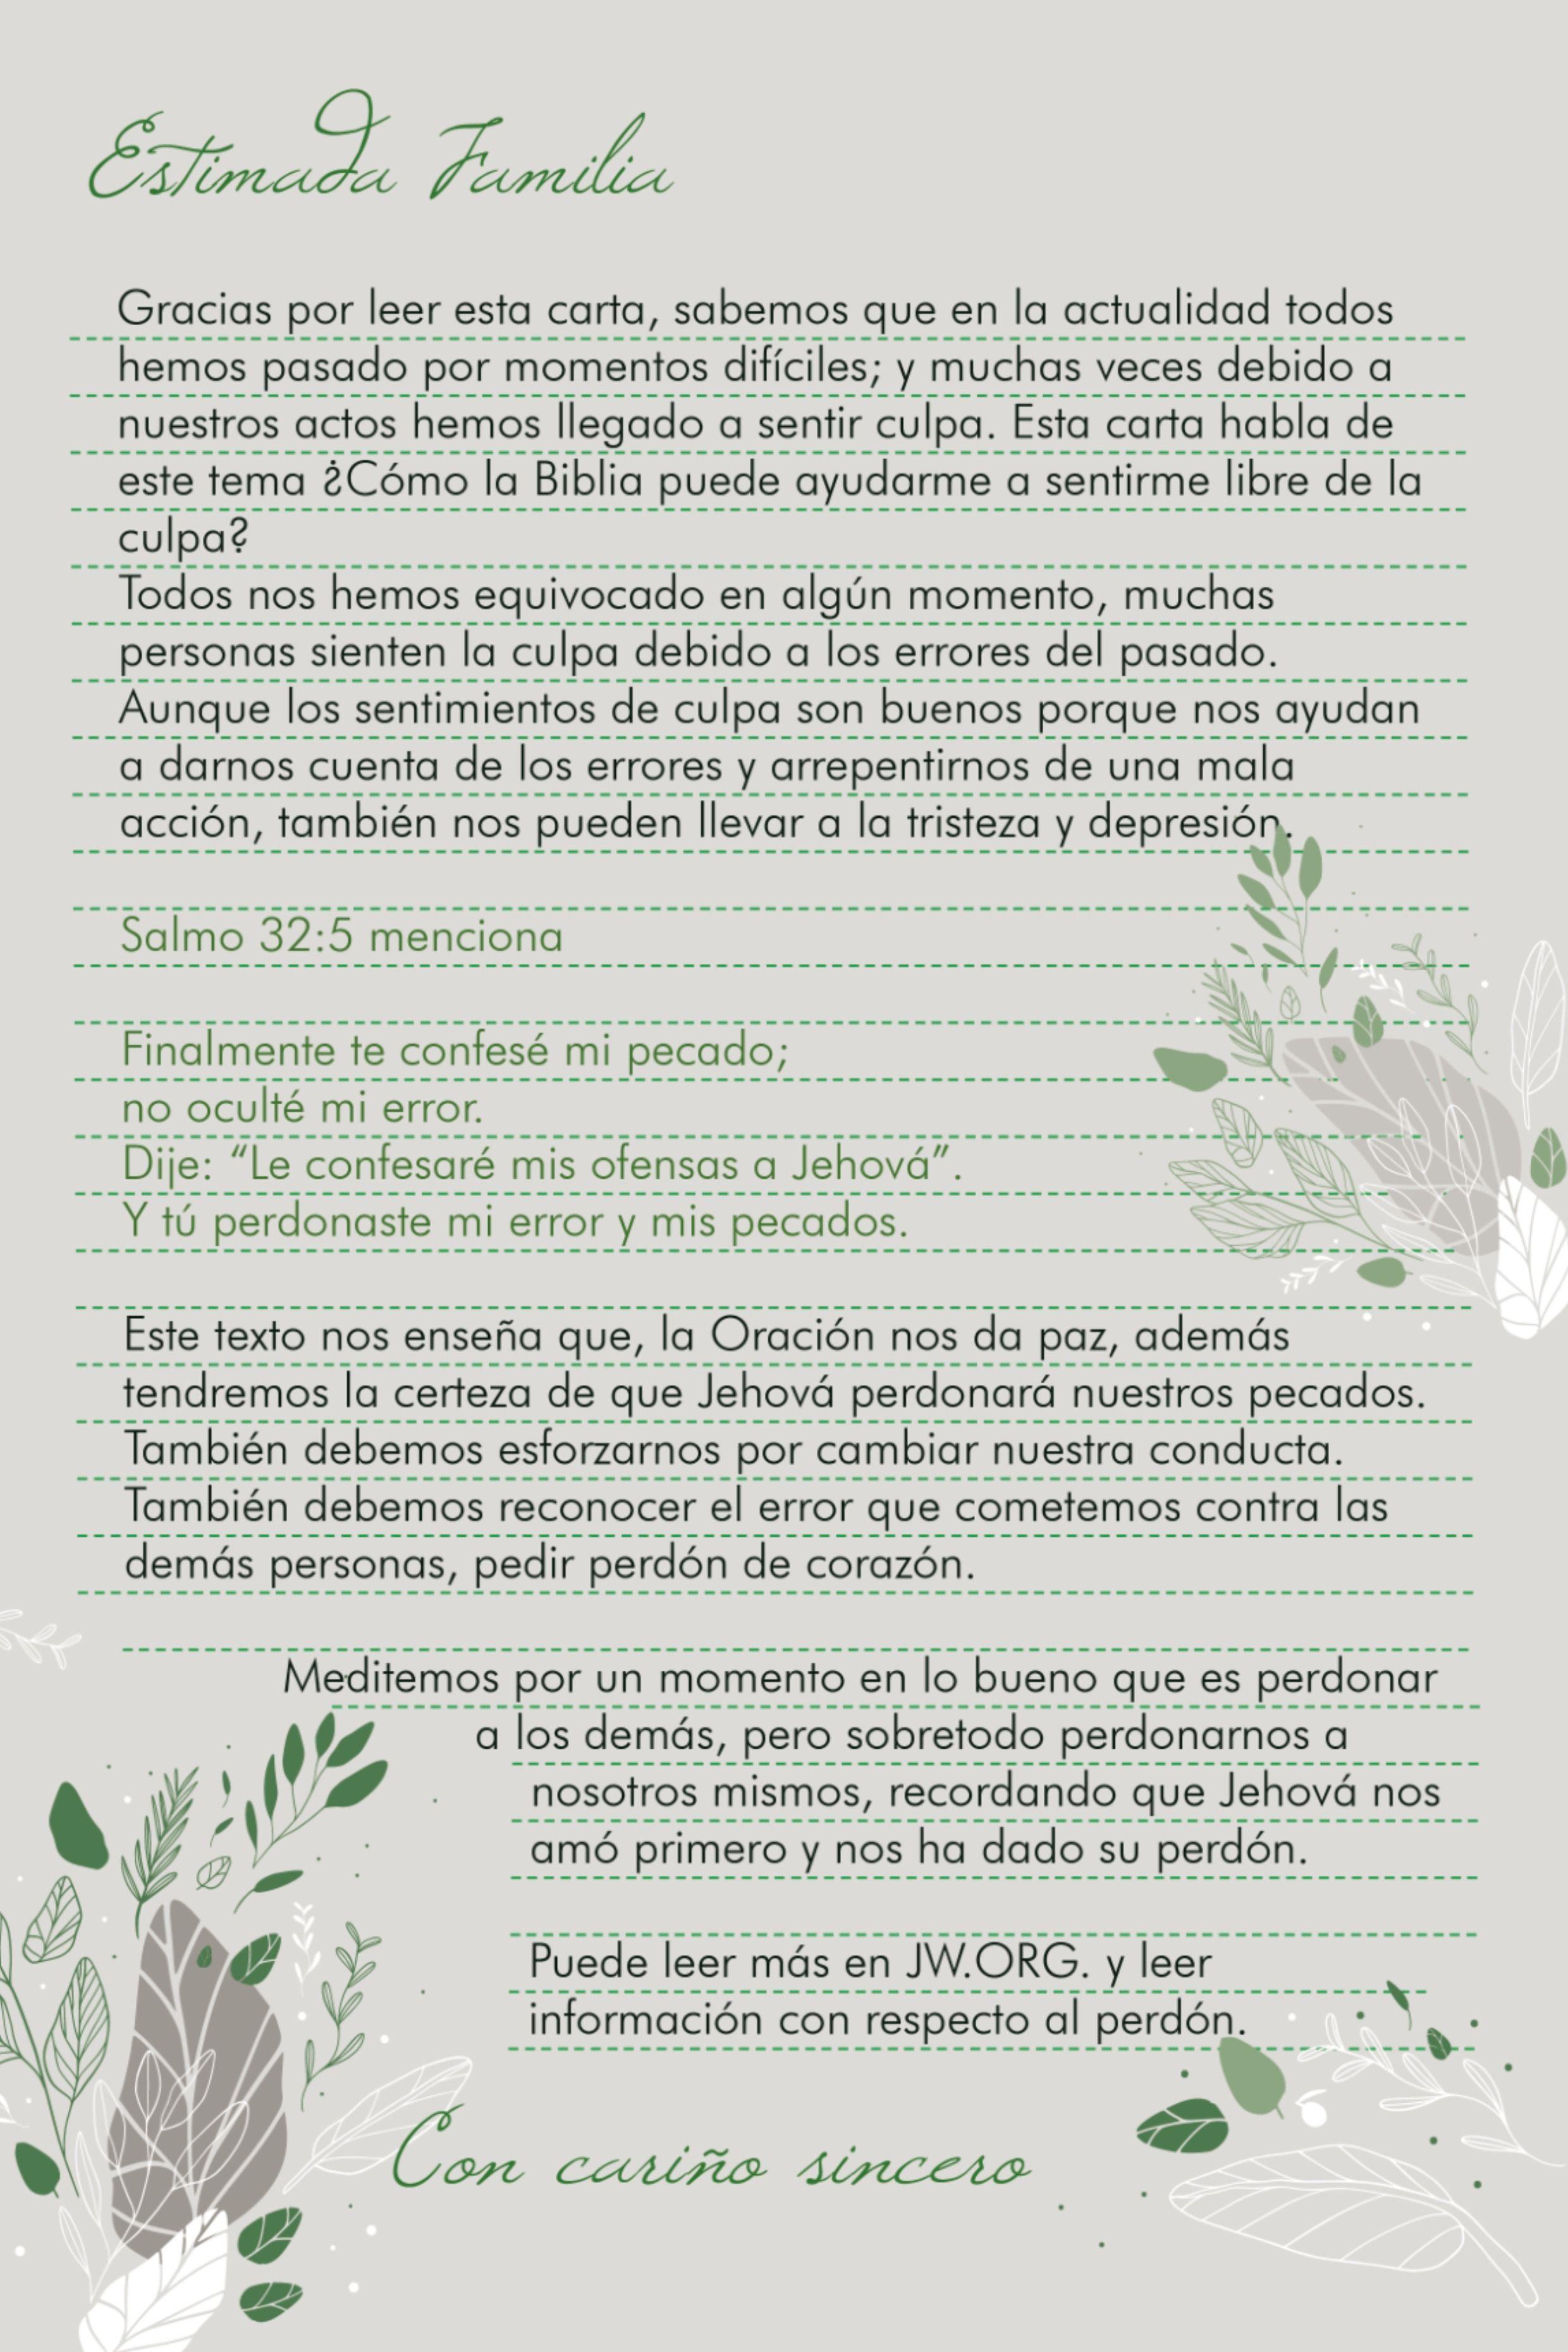 Pin En Ejemplos De Cartas Para Predicar